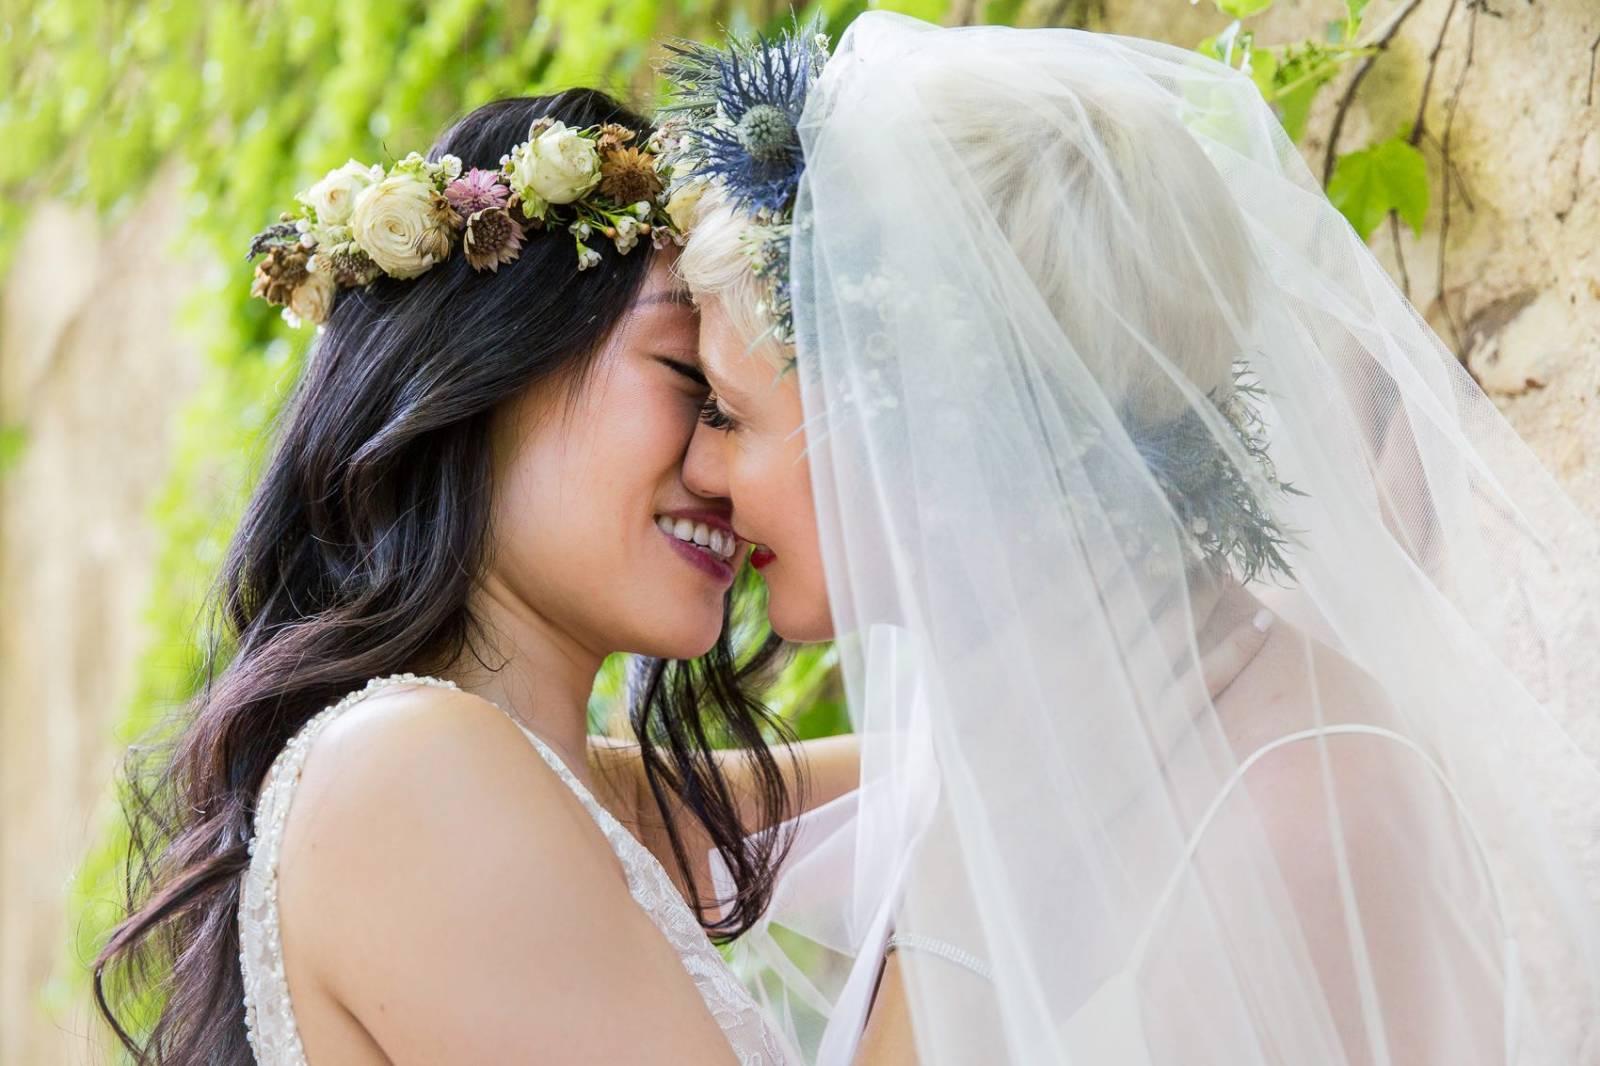 Cinderella Photographie - Trouwen in frankrijk - Huwelijksfotograaf - Trouwfotograaf - House of Weddings - 24